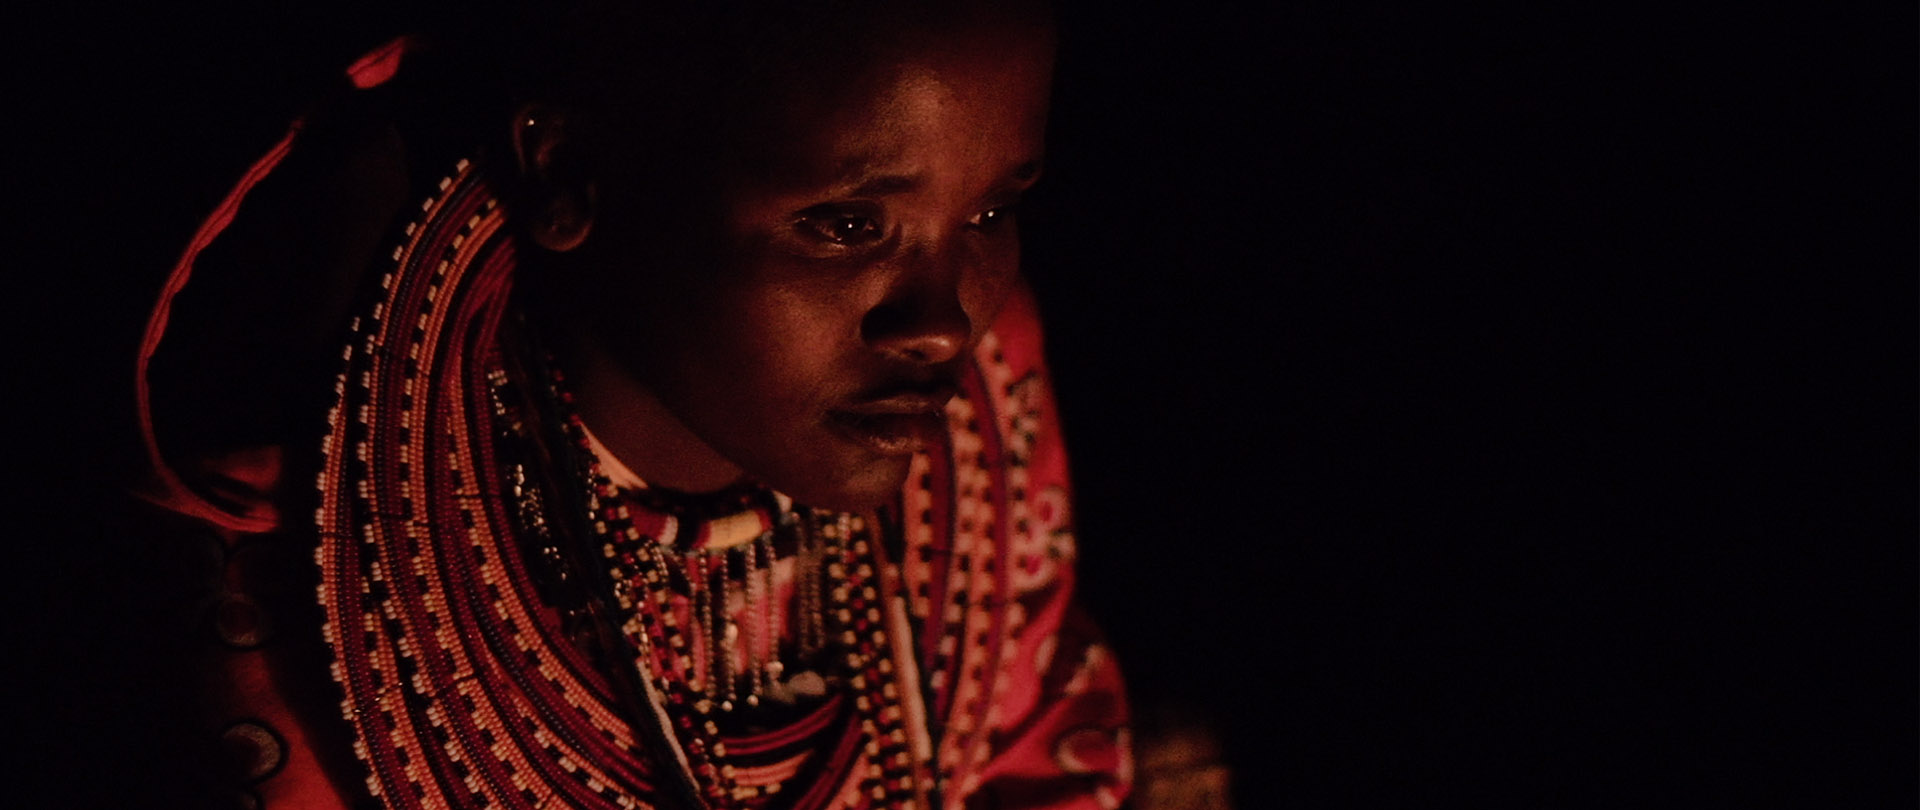 MaasaiScreenshot1.jpg